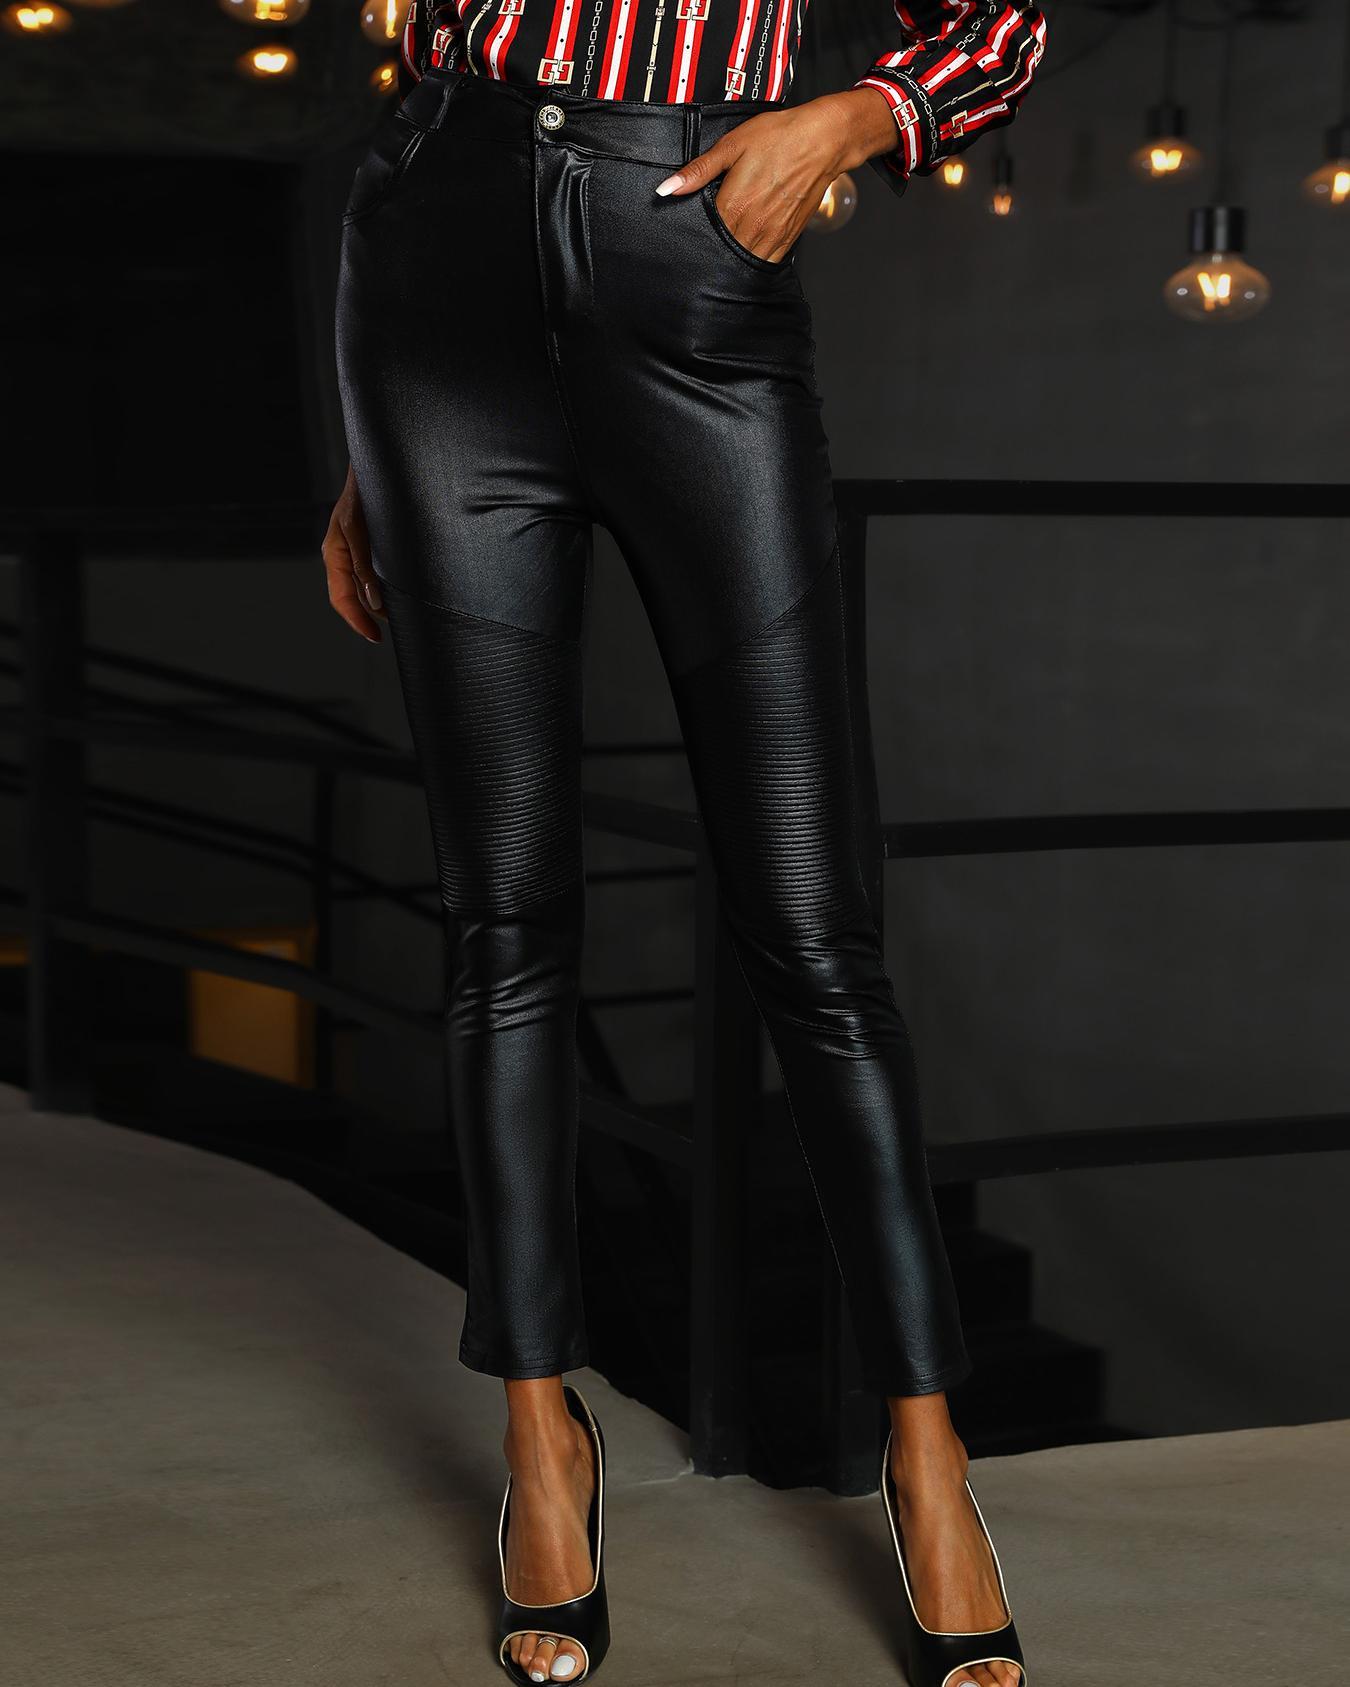 boutiquefeel / Pantalones de PU recubiertos de cintura alta